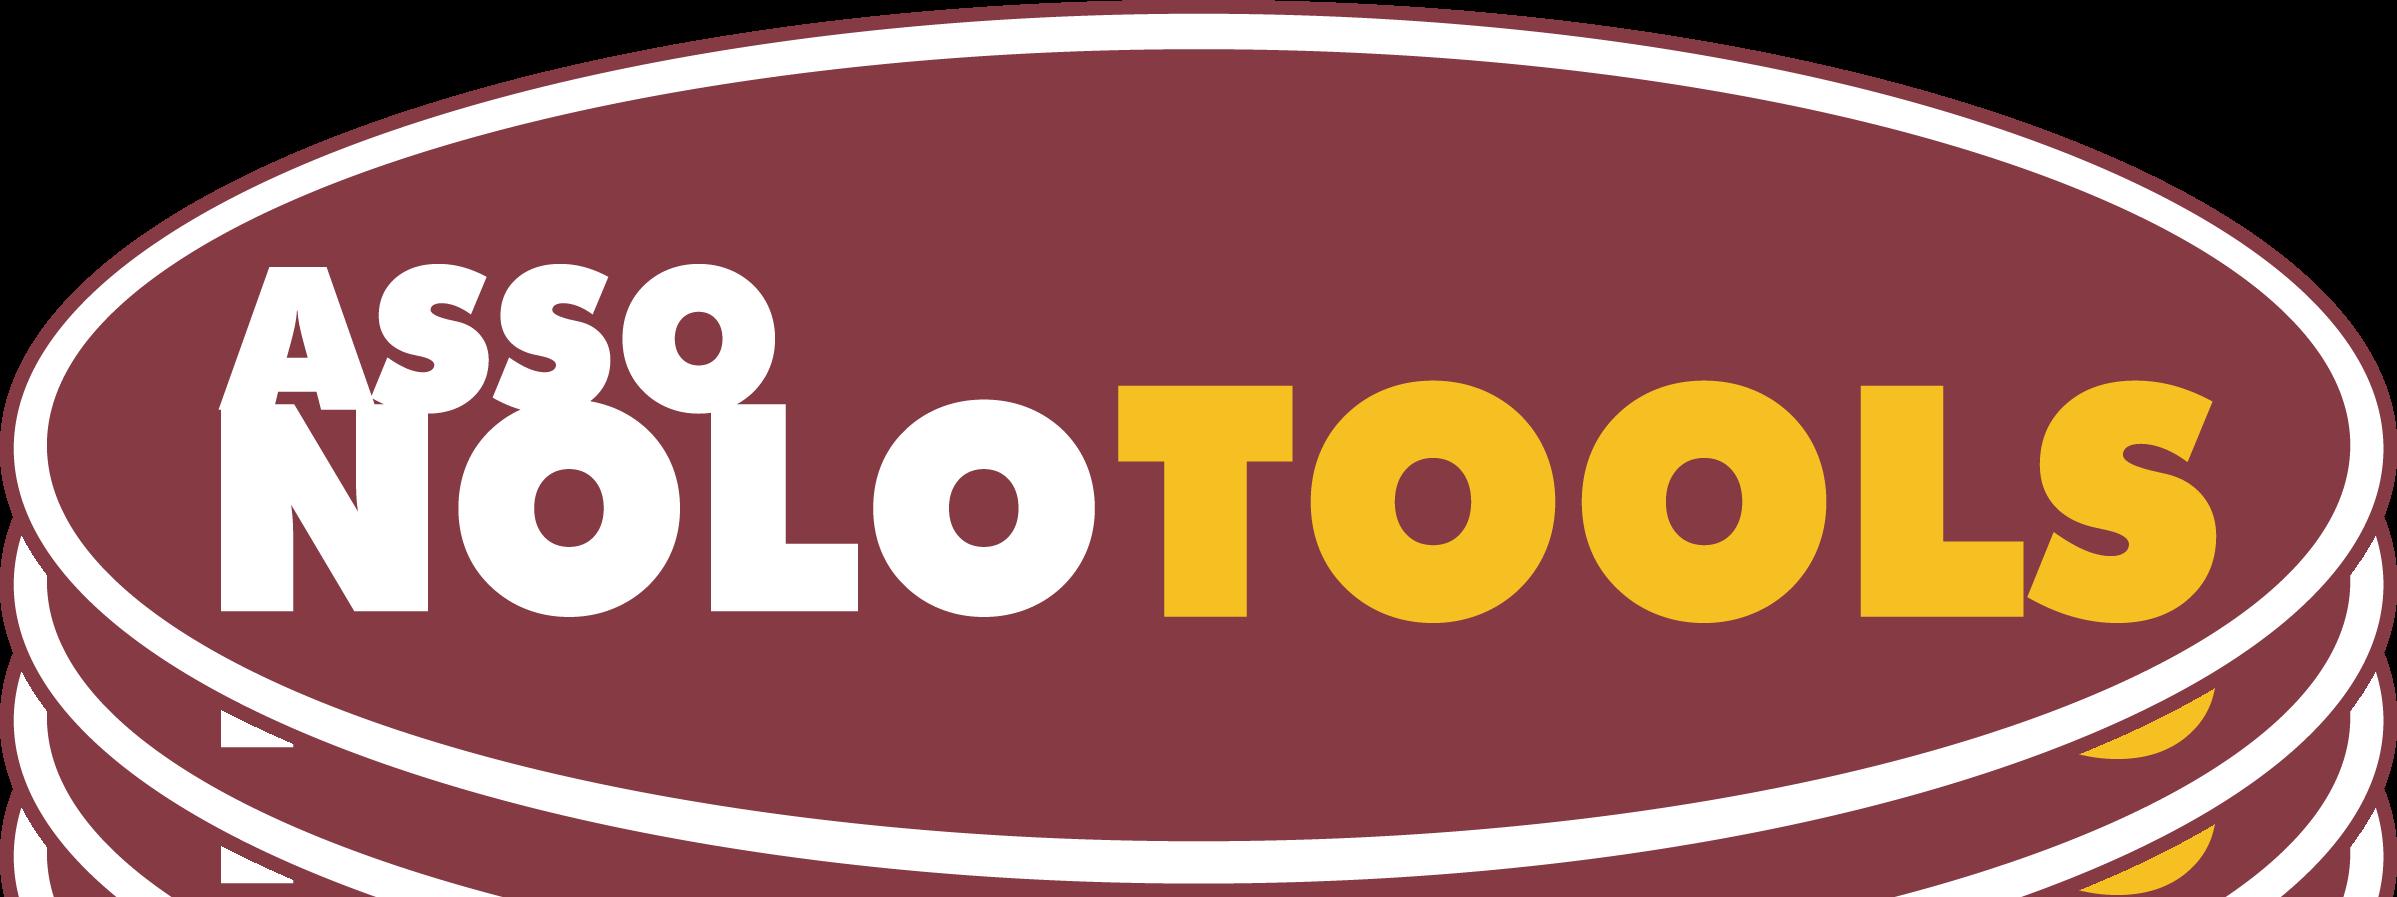 Scopri dove noleggiare Tools. Assodimi garantisce professionalità e rispetto dei corretti processi di noleggio.